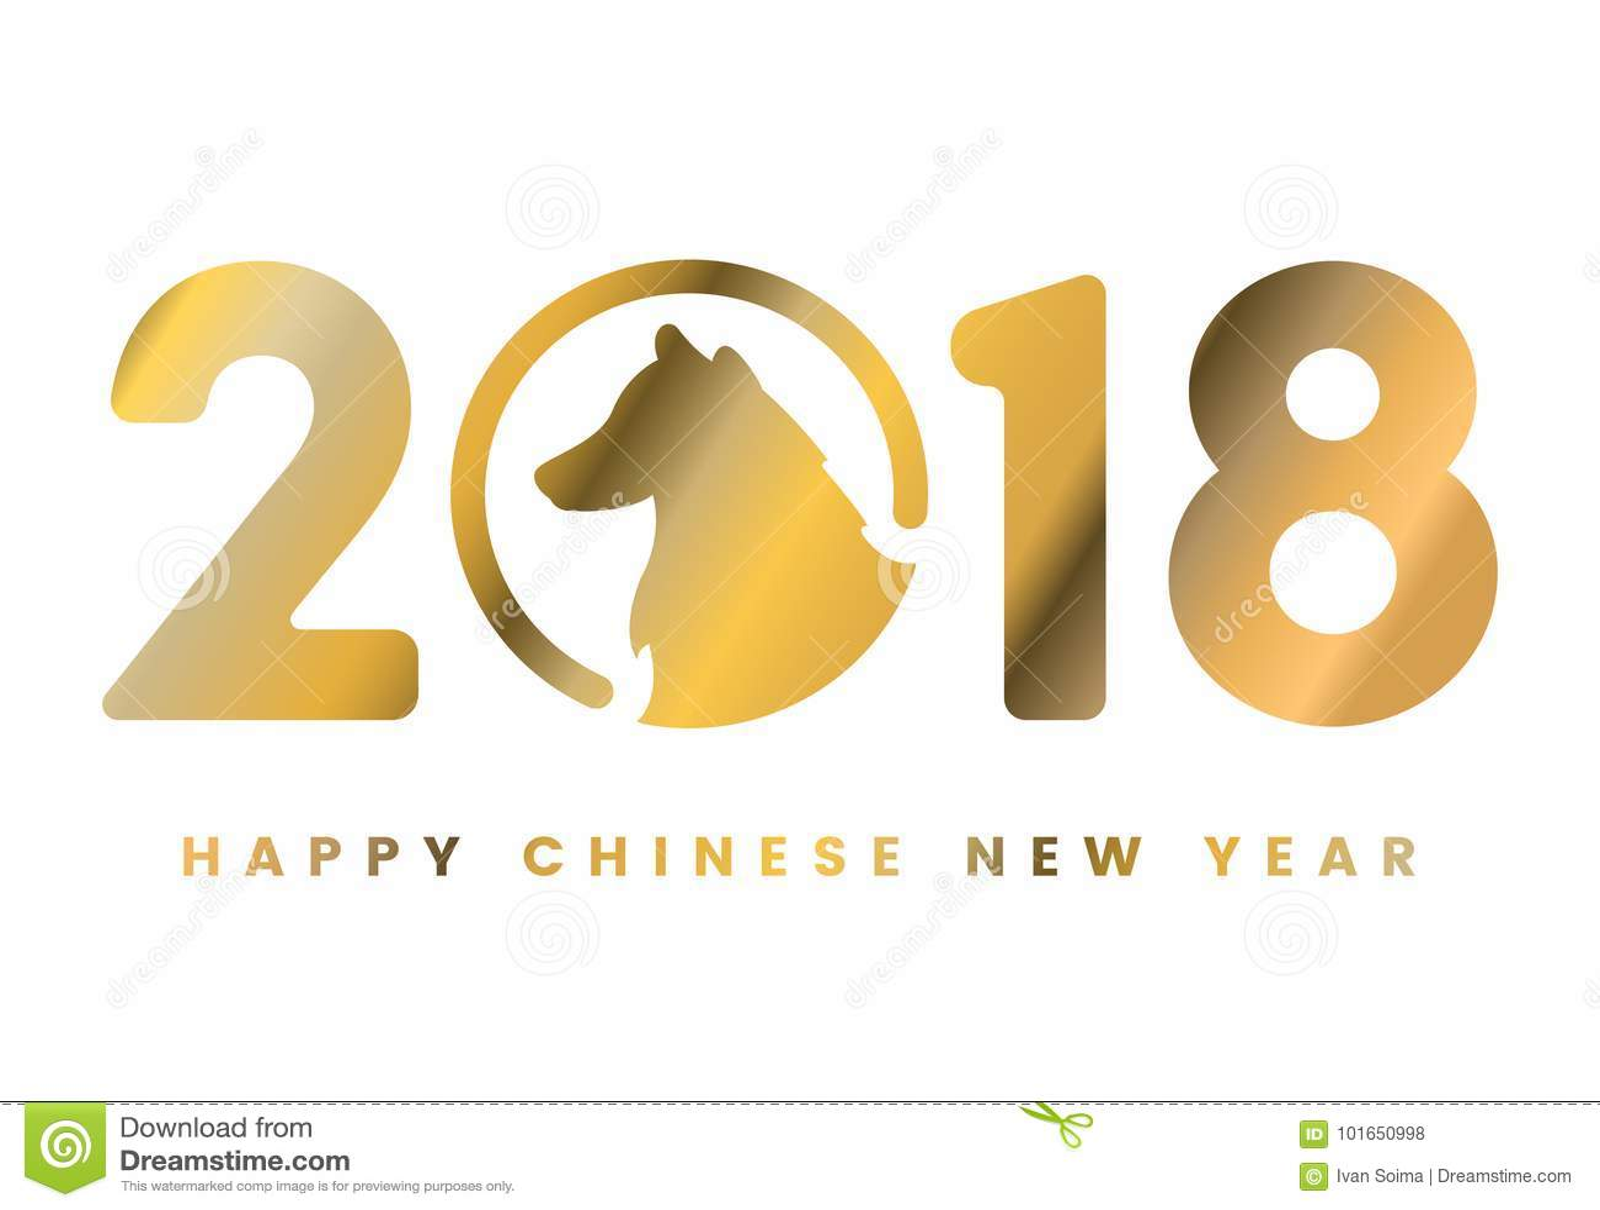 Fantastisch Chinesische Neues Jahr Postkarten Bilder ...